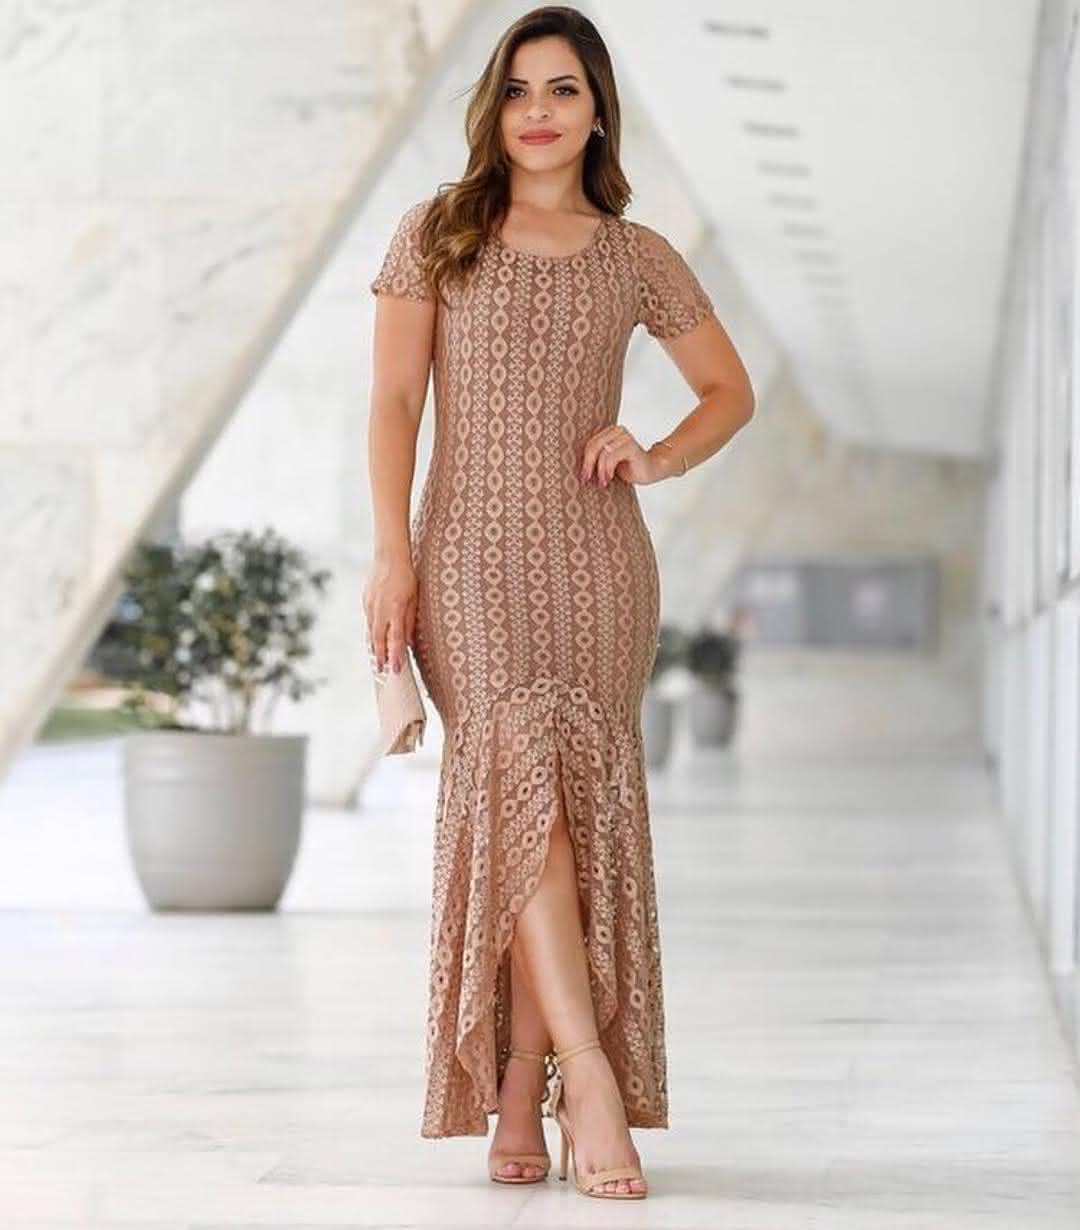 moda evangélica 2019 vestidos